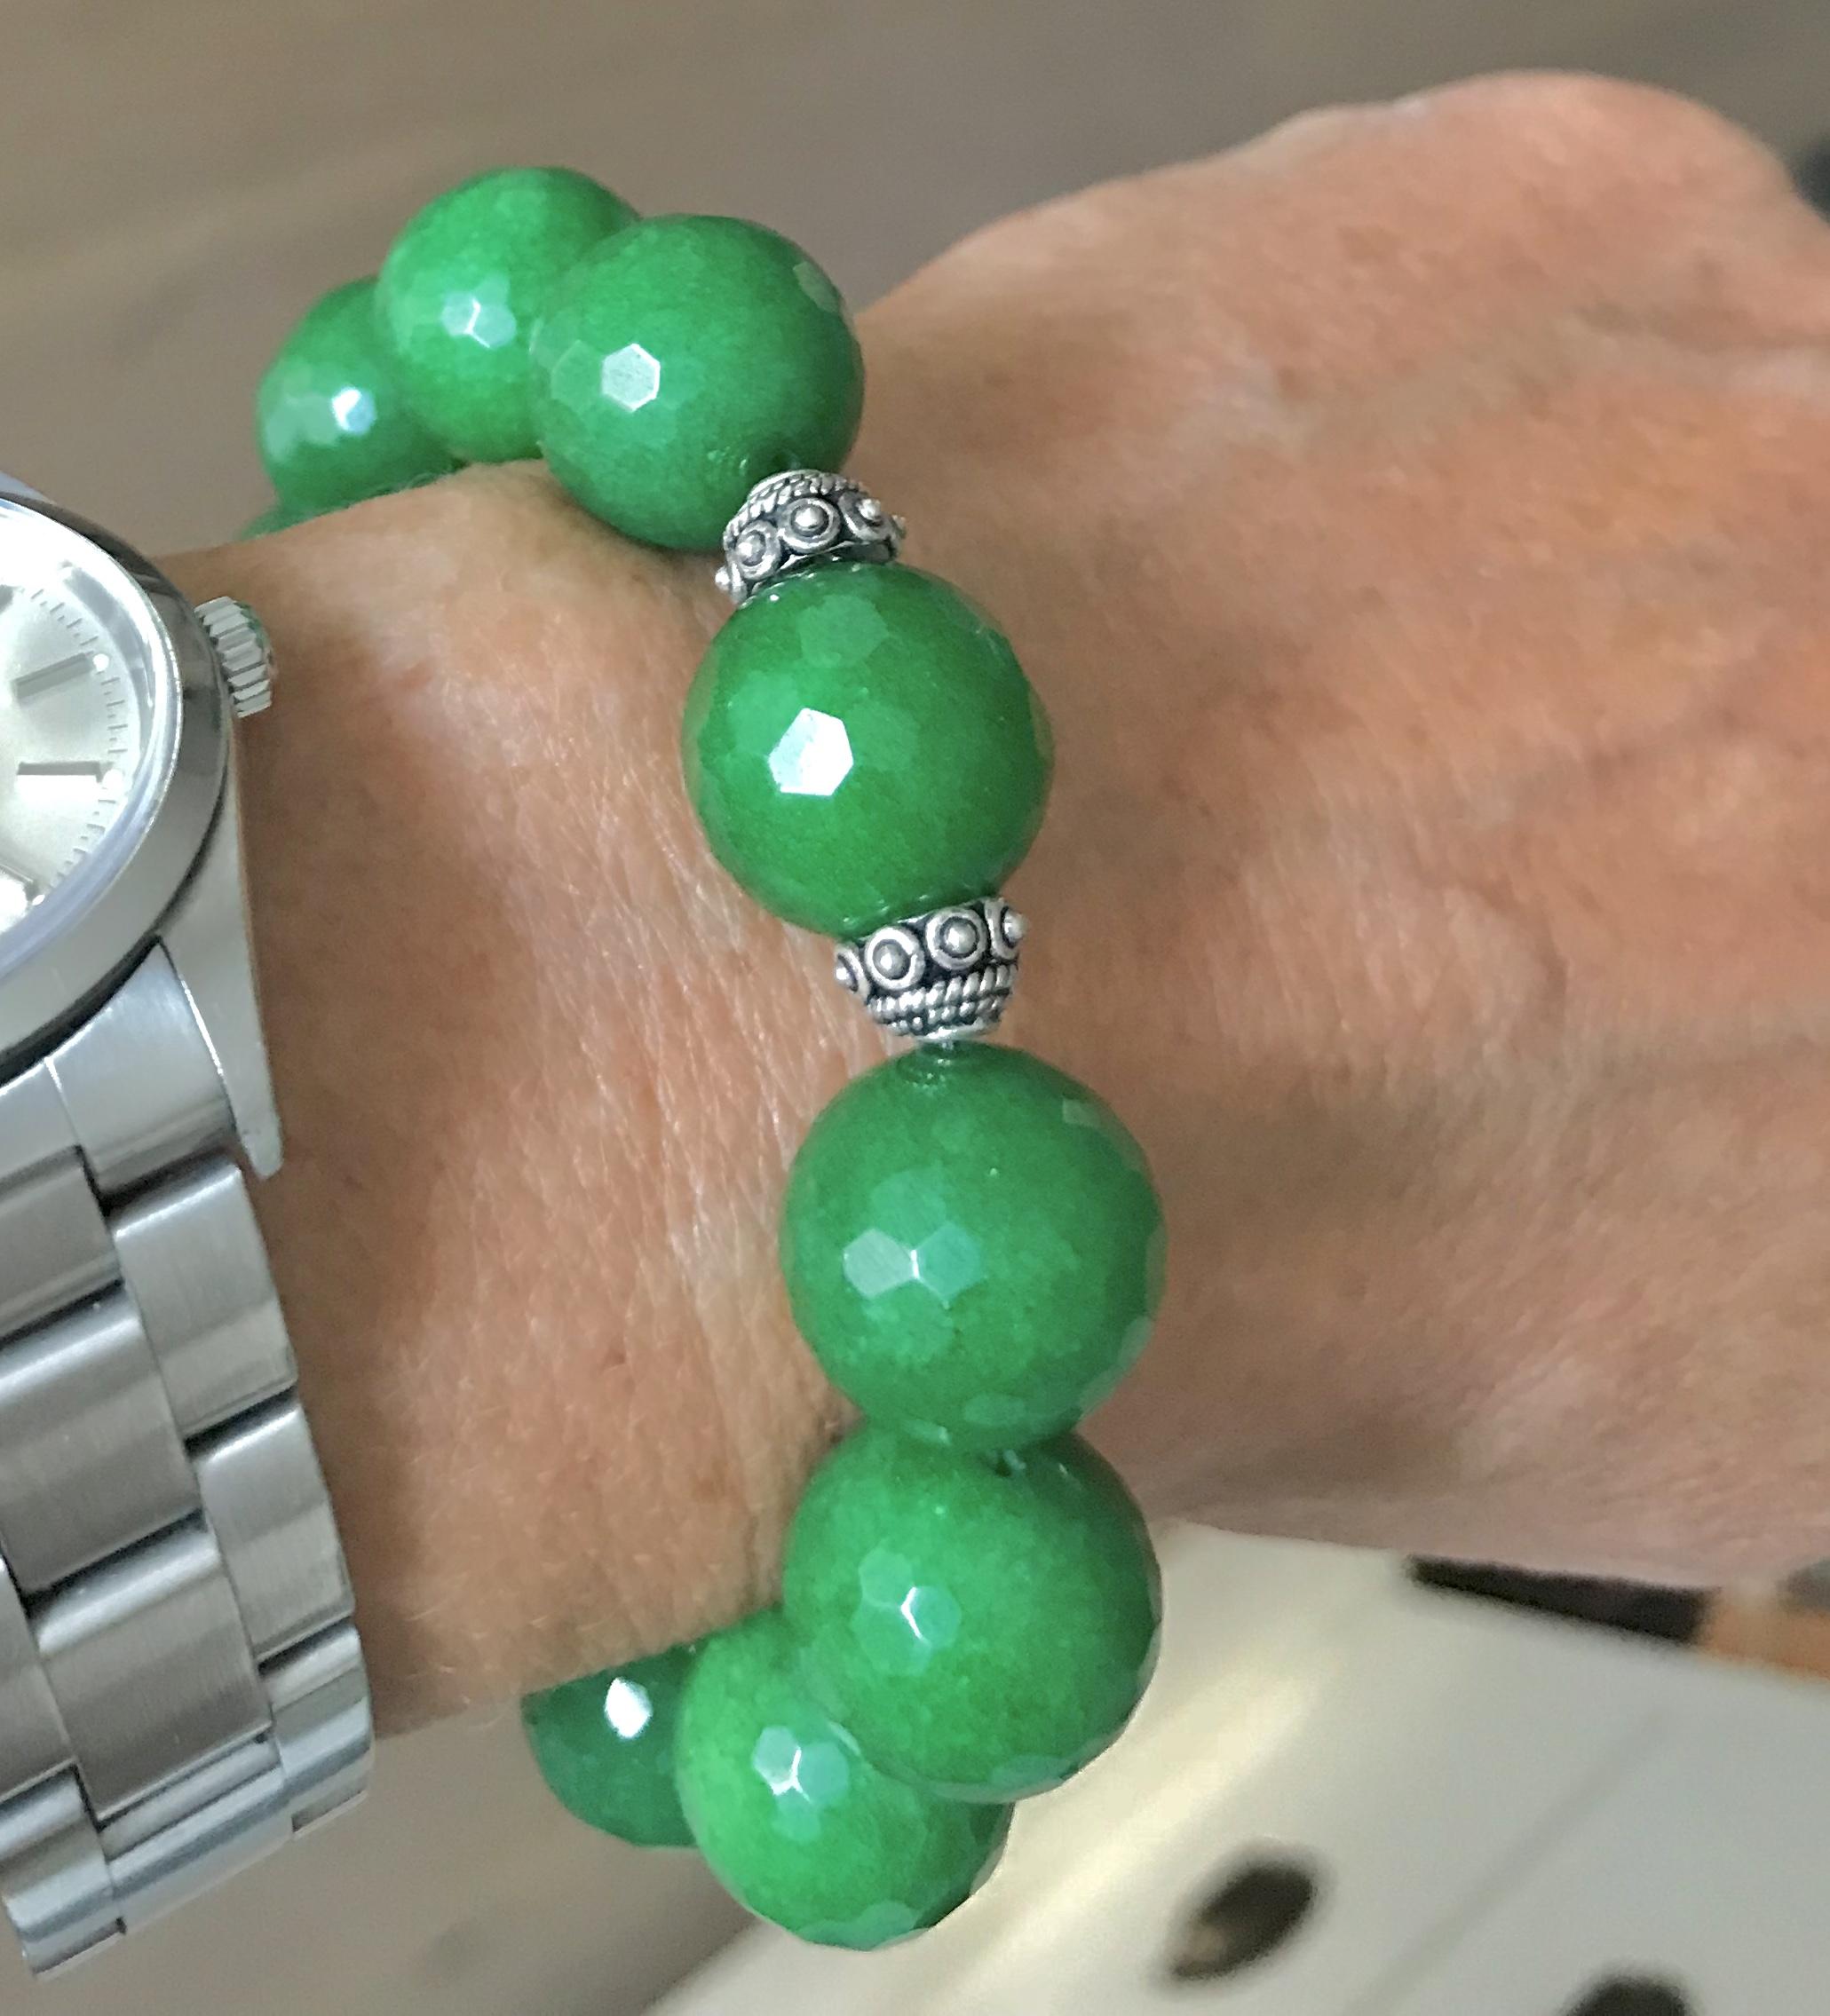 Jade Flaschengrün